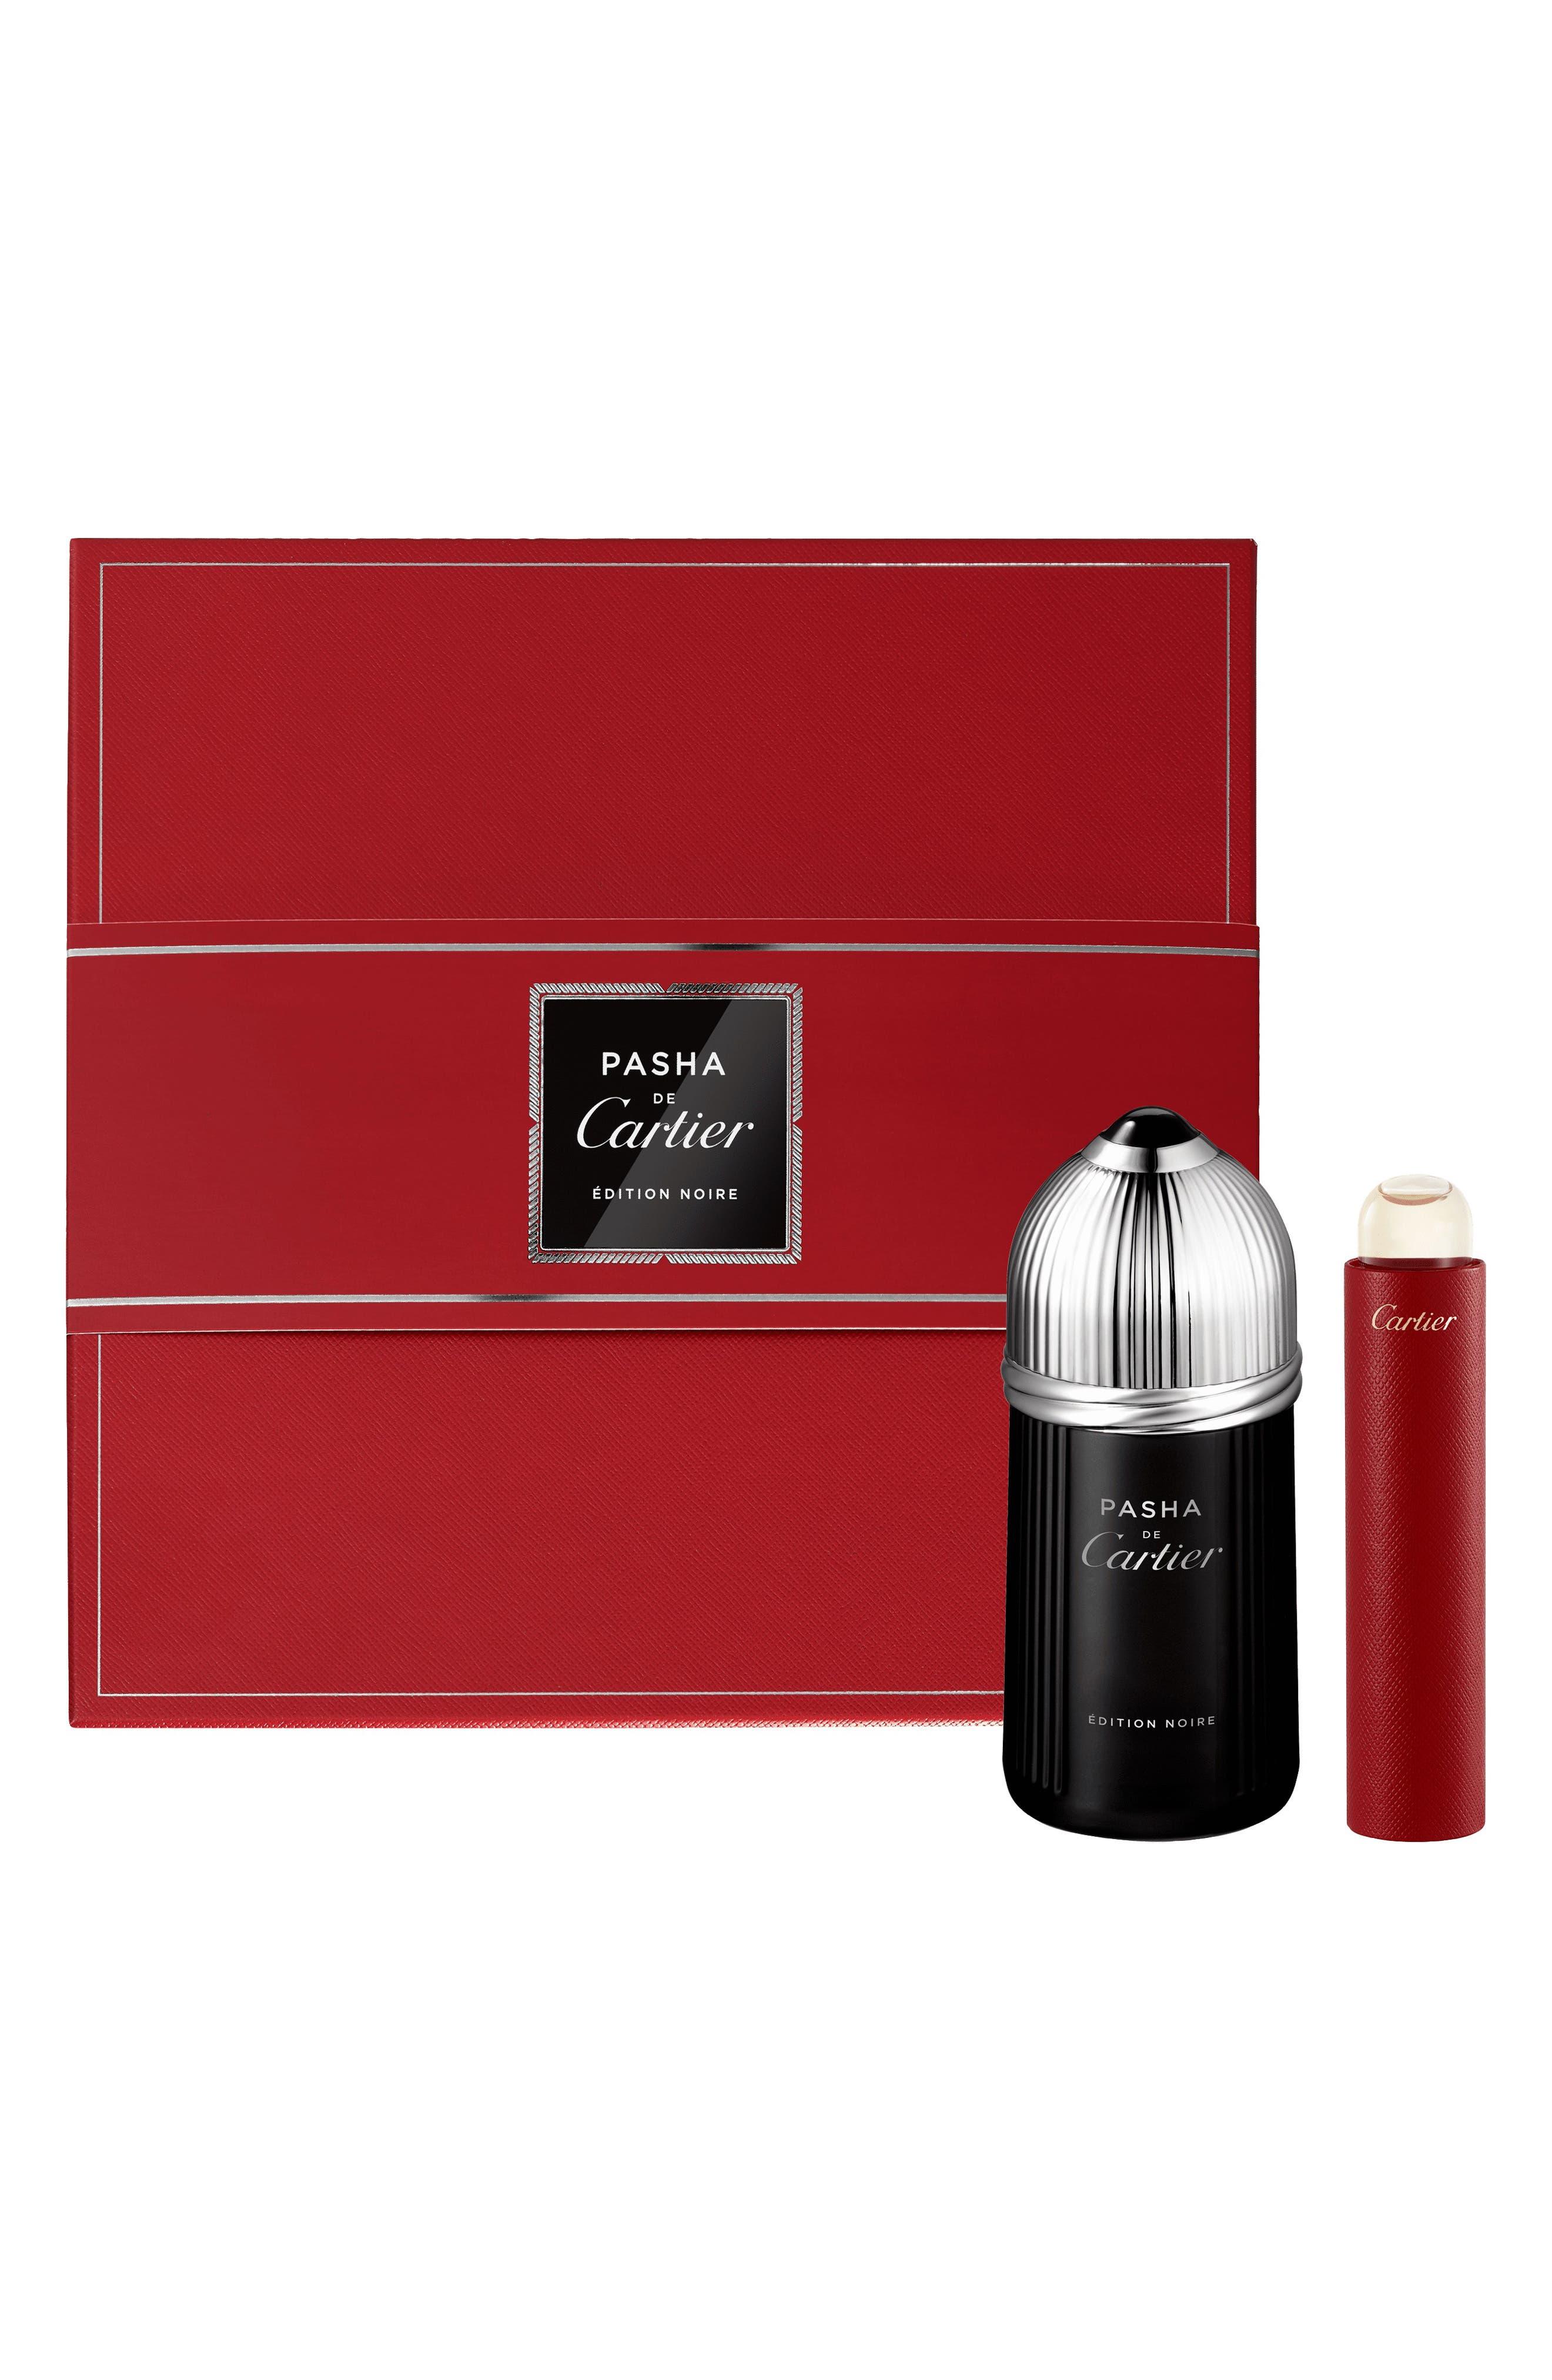 Cartier Pasha De Cartier Edition Noire Eau De Toilette Set ($112 Value)